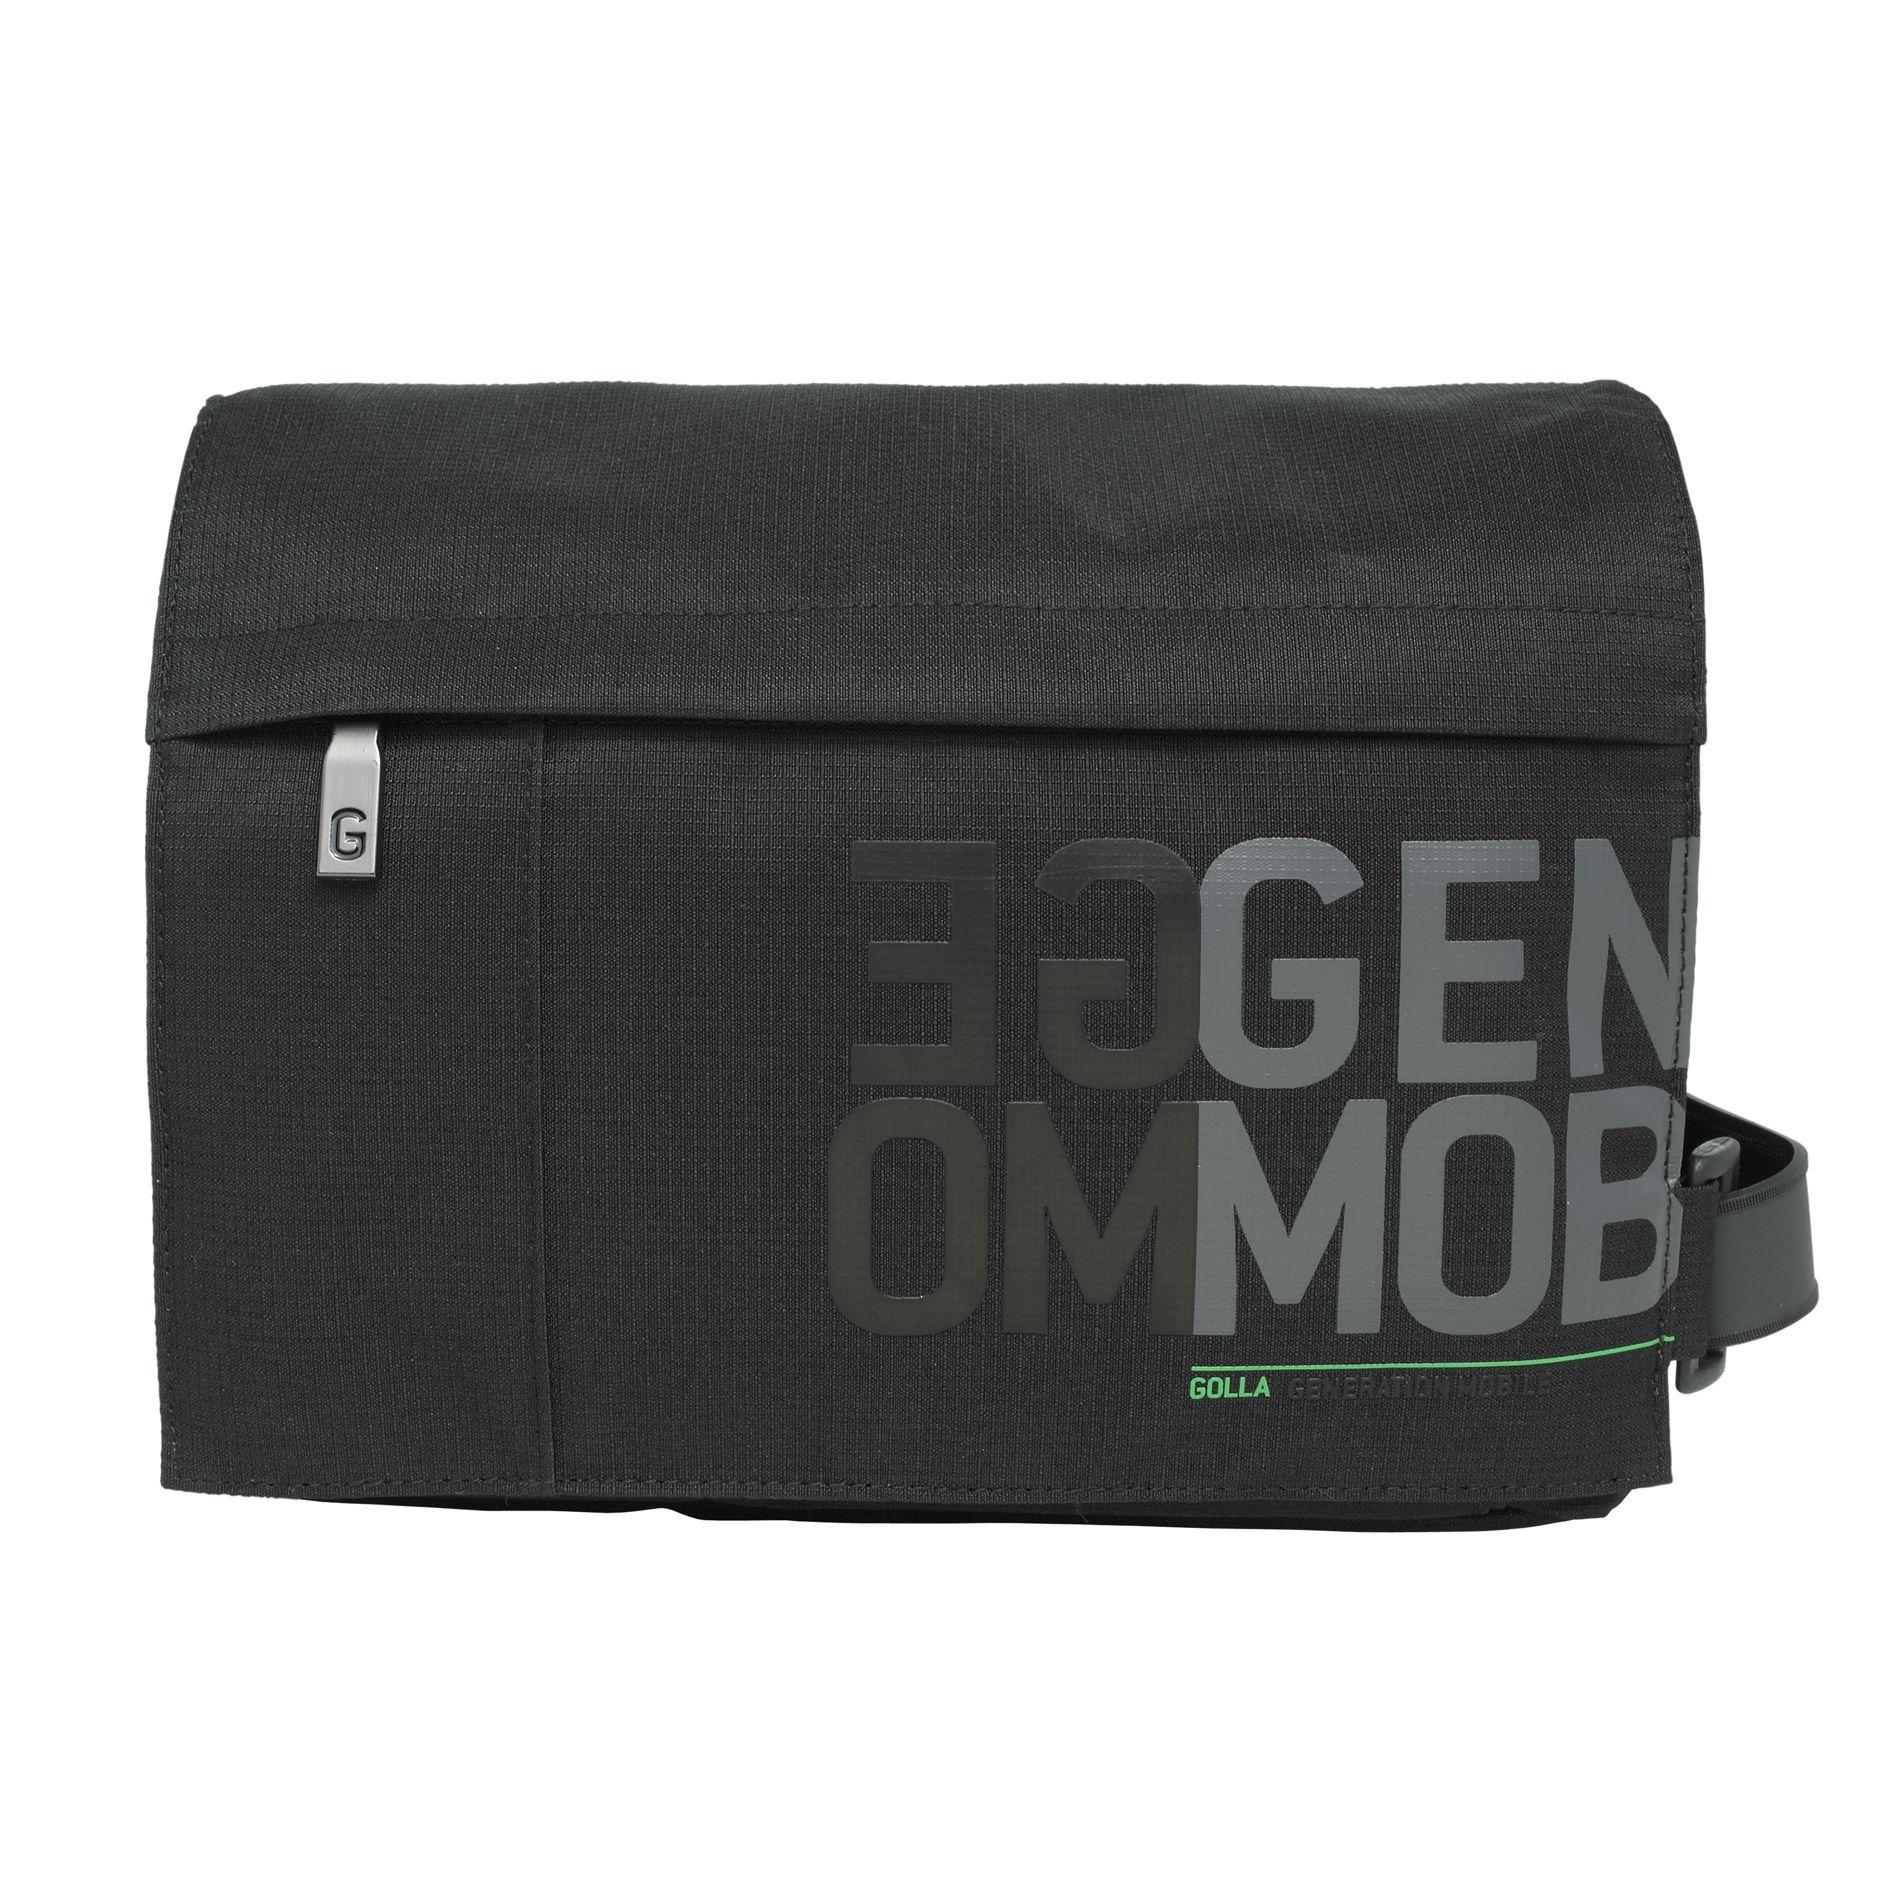 Golla G1012 Logan Camera Bag